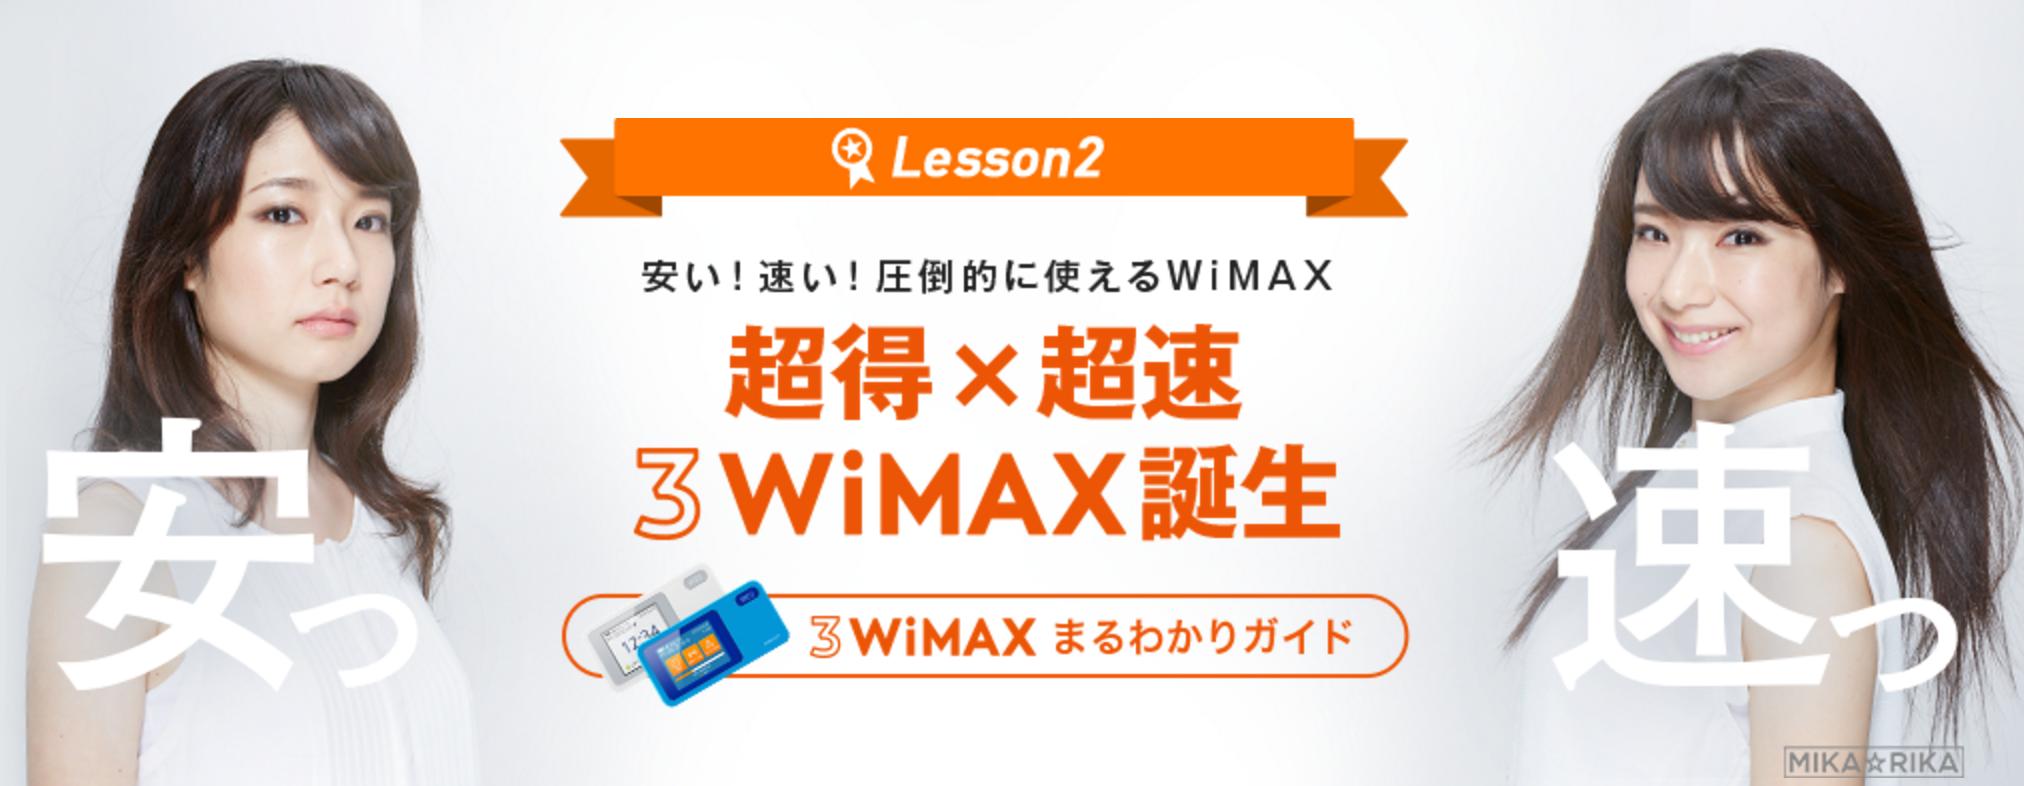 au_kddi_WiMAX